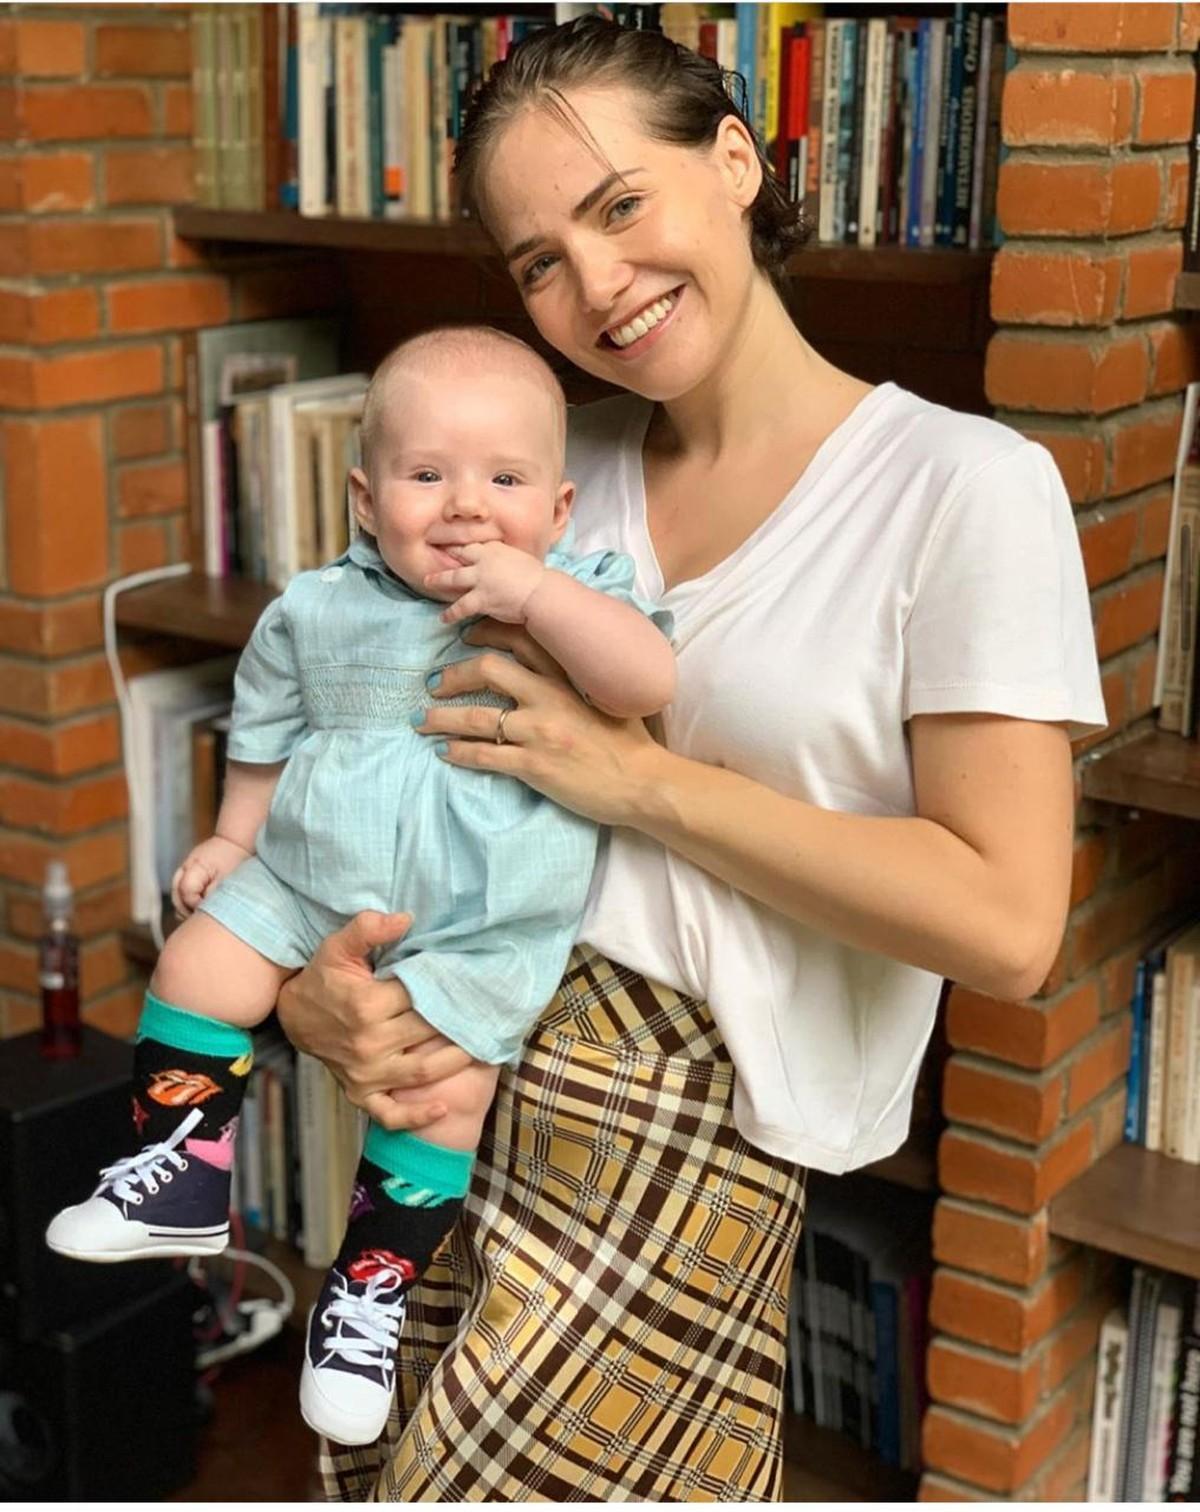 Letícia Colin compartilha suas dicas de amamentação: 'Queria desistir, mas  voltei' | Famosos